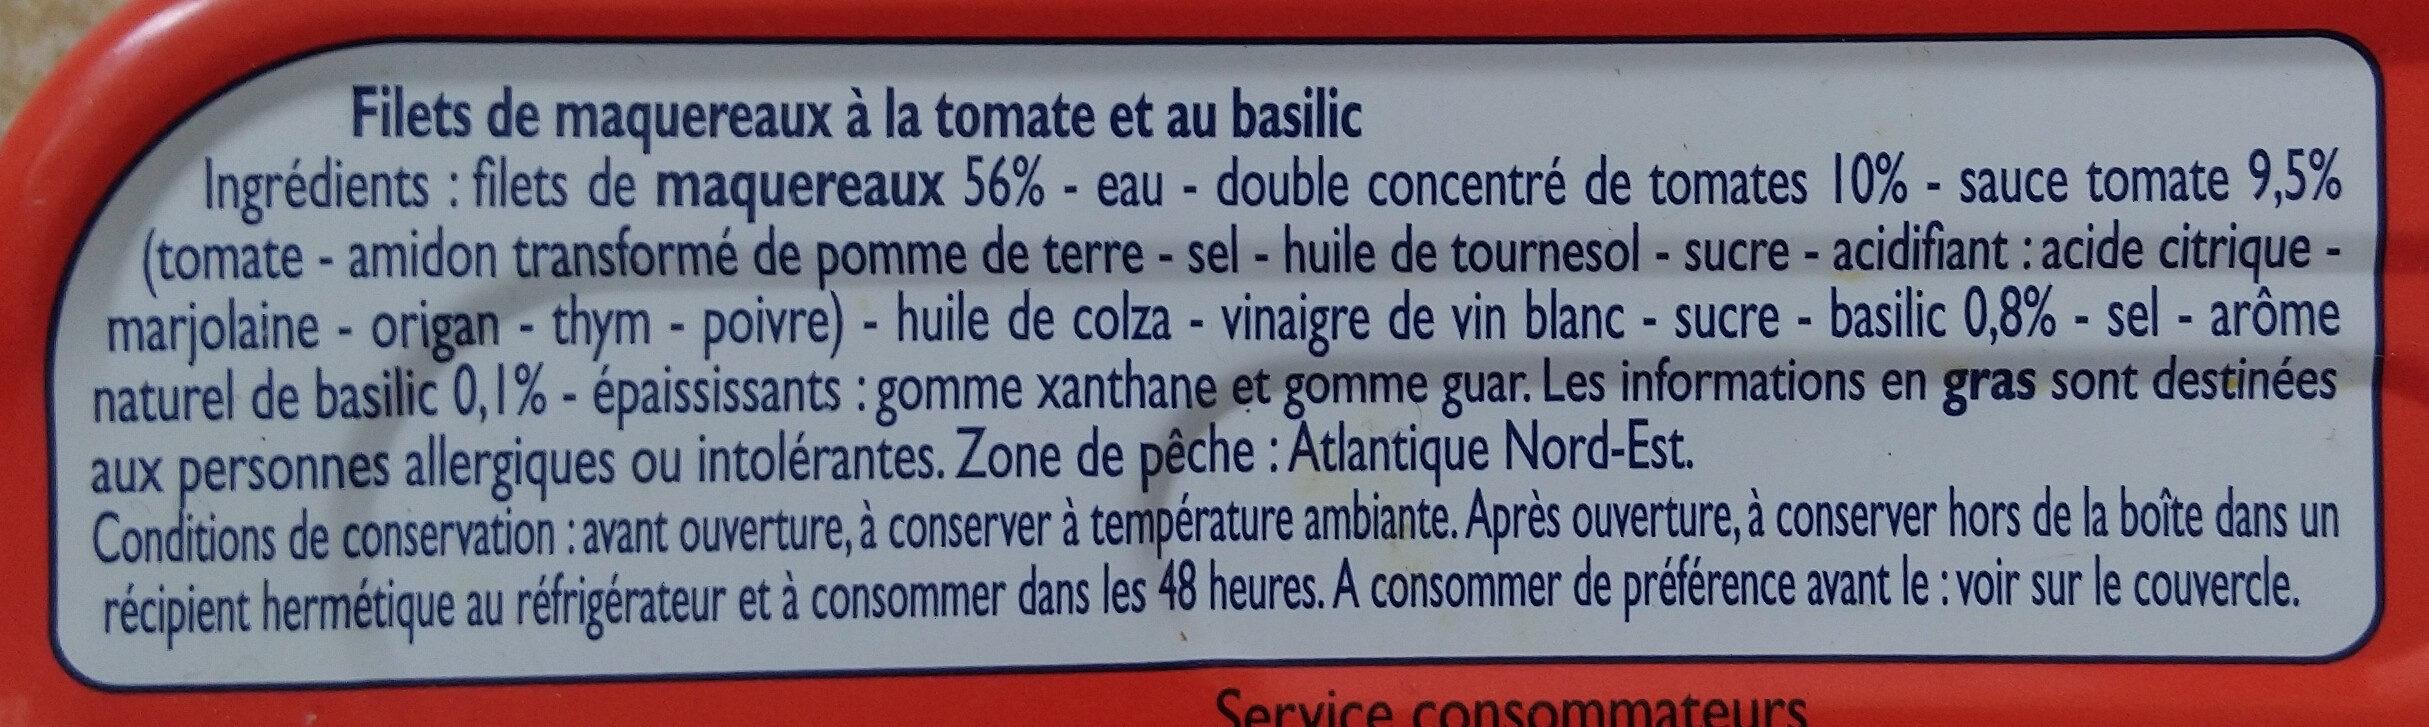 Filets de Maquereaux à la Tomate et au Basilic - Ingrédients - fr